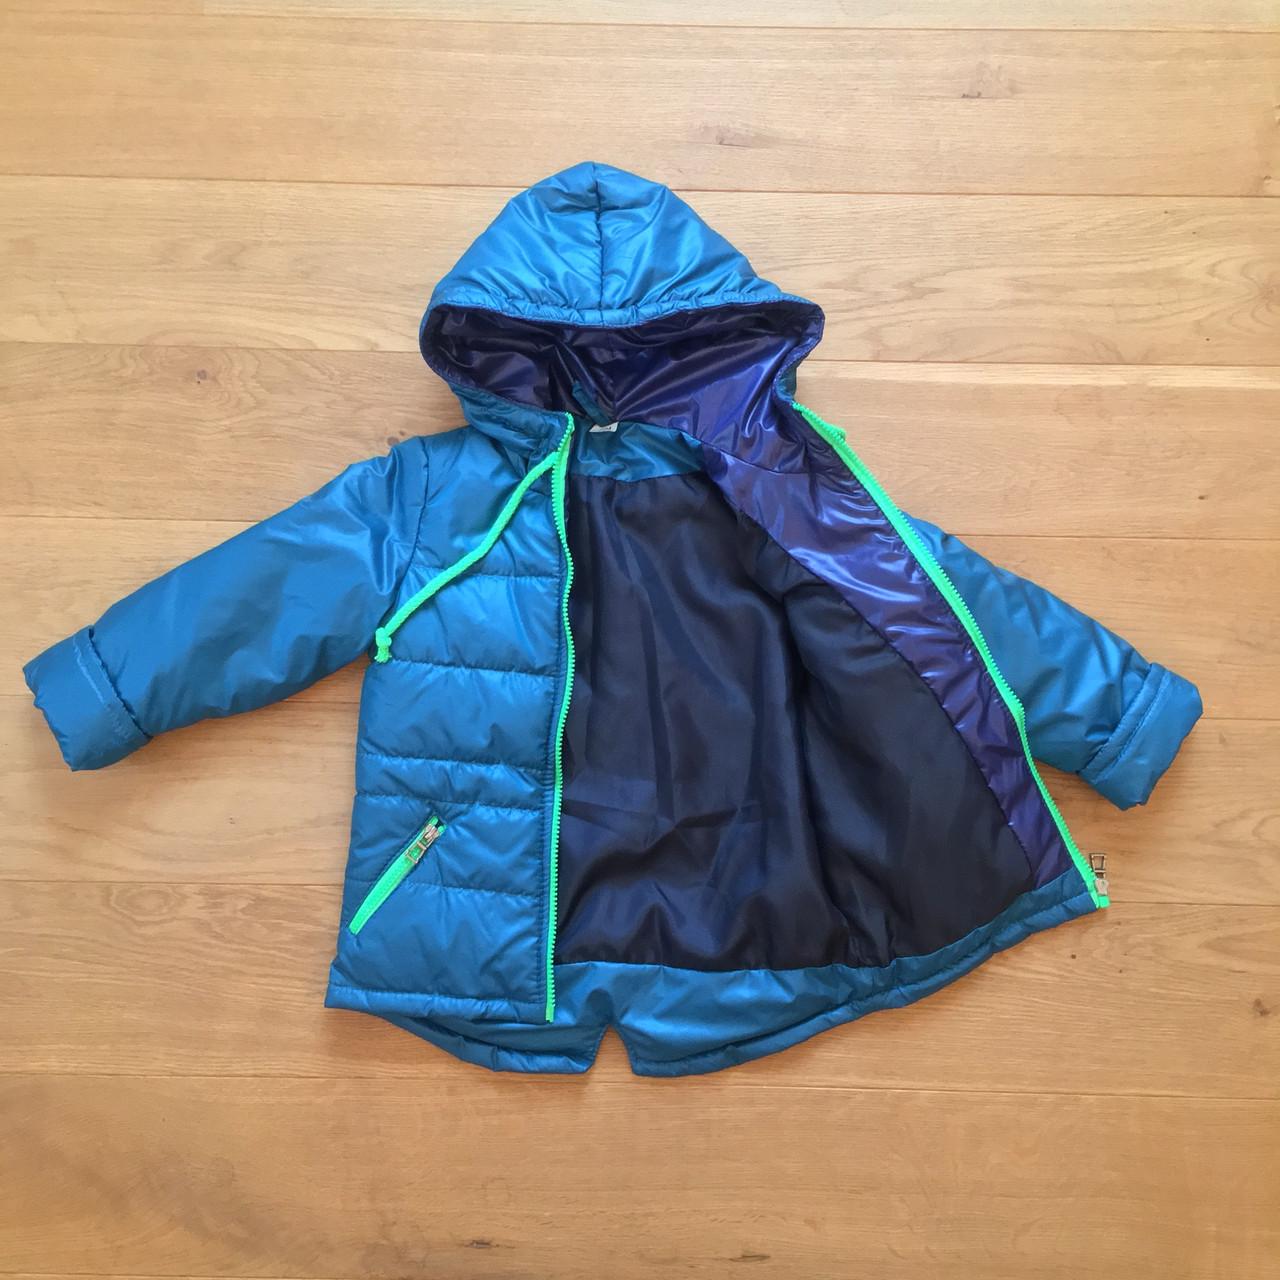 Весенняя курточка на мальчика 3 - 7 лет   Есть замеры 98, 104, 110, 116